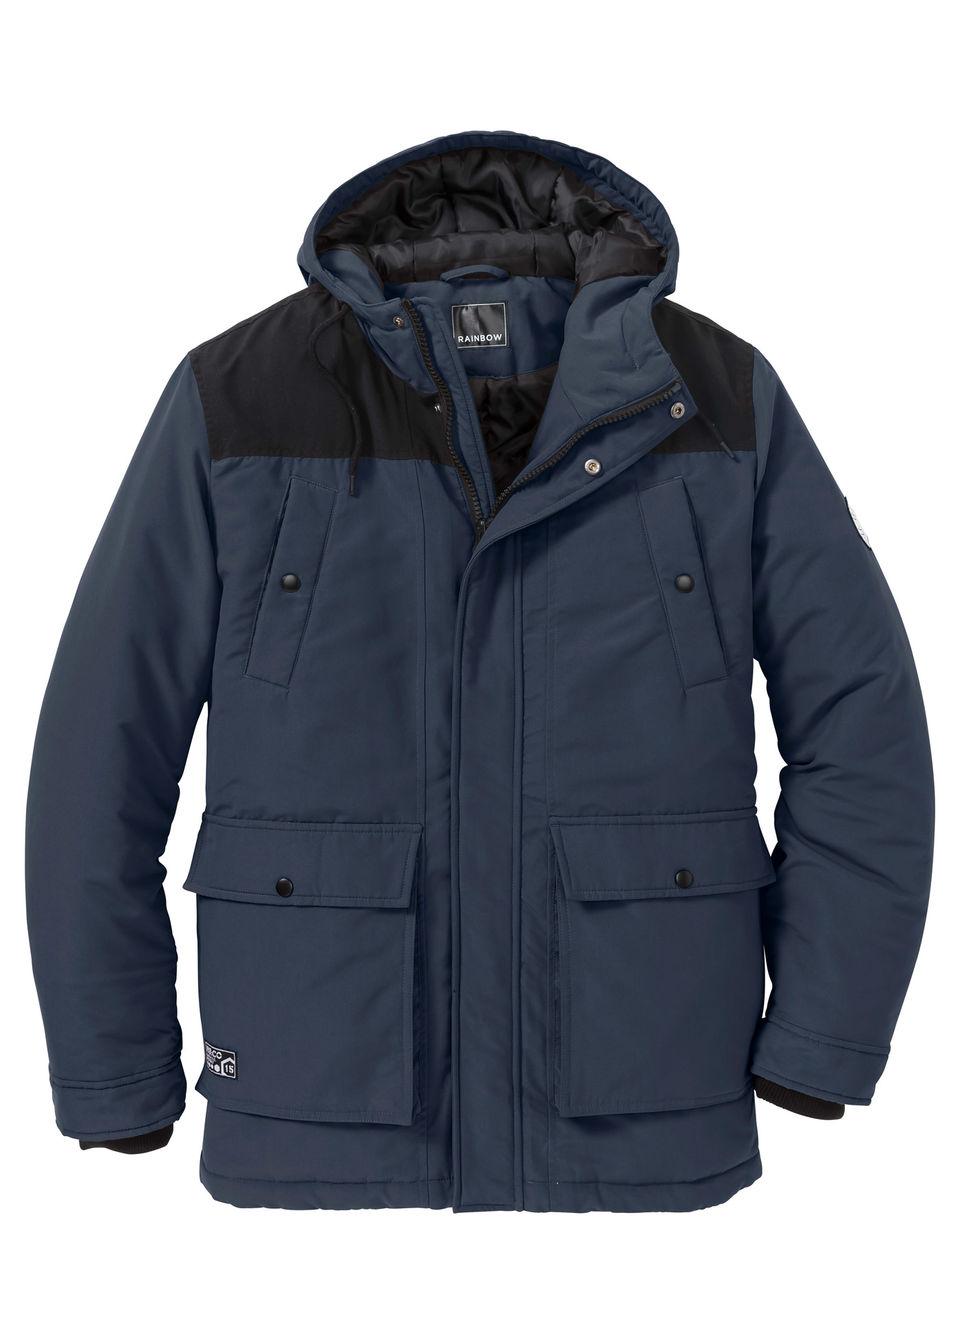 Купить Зимняя куртка-парка Regular Fit, bonprix, темно-синий